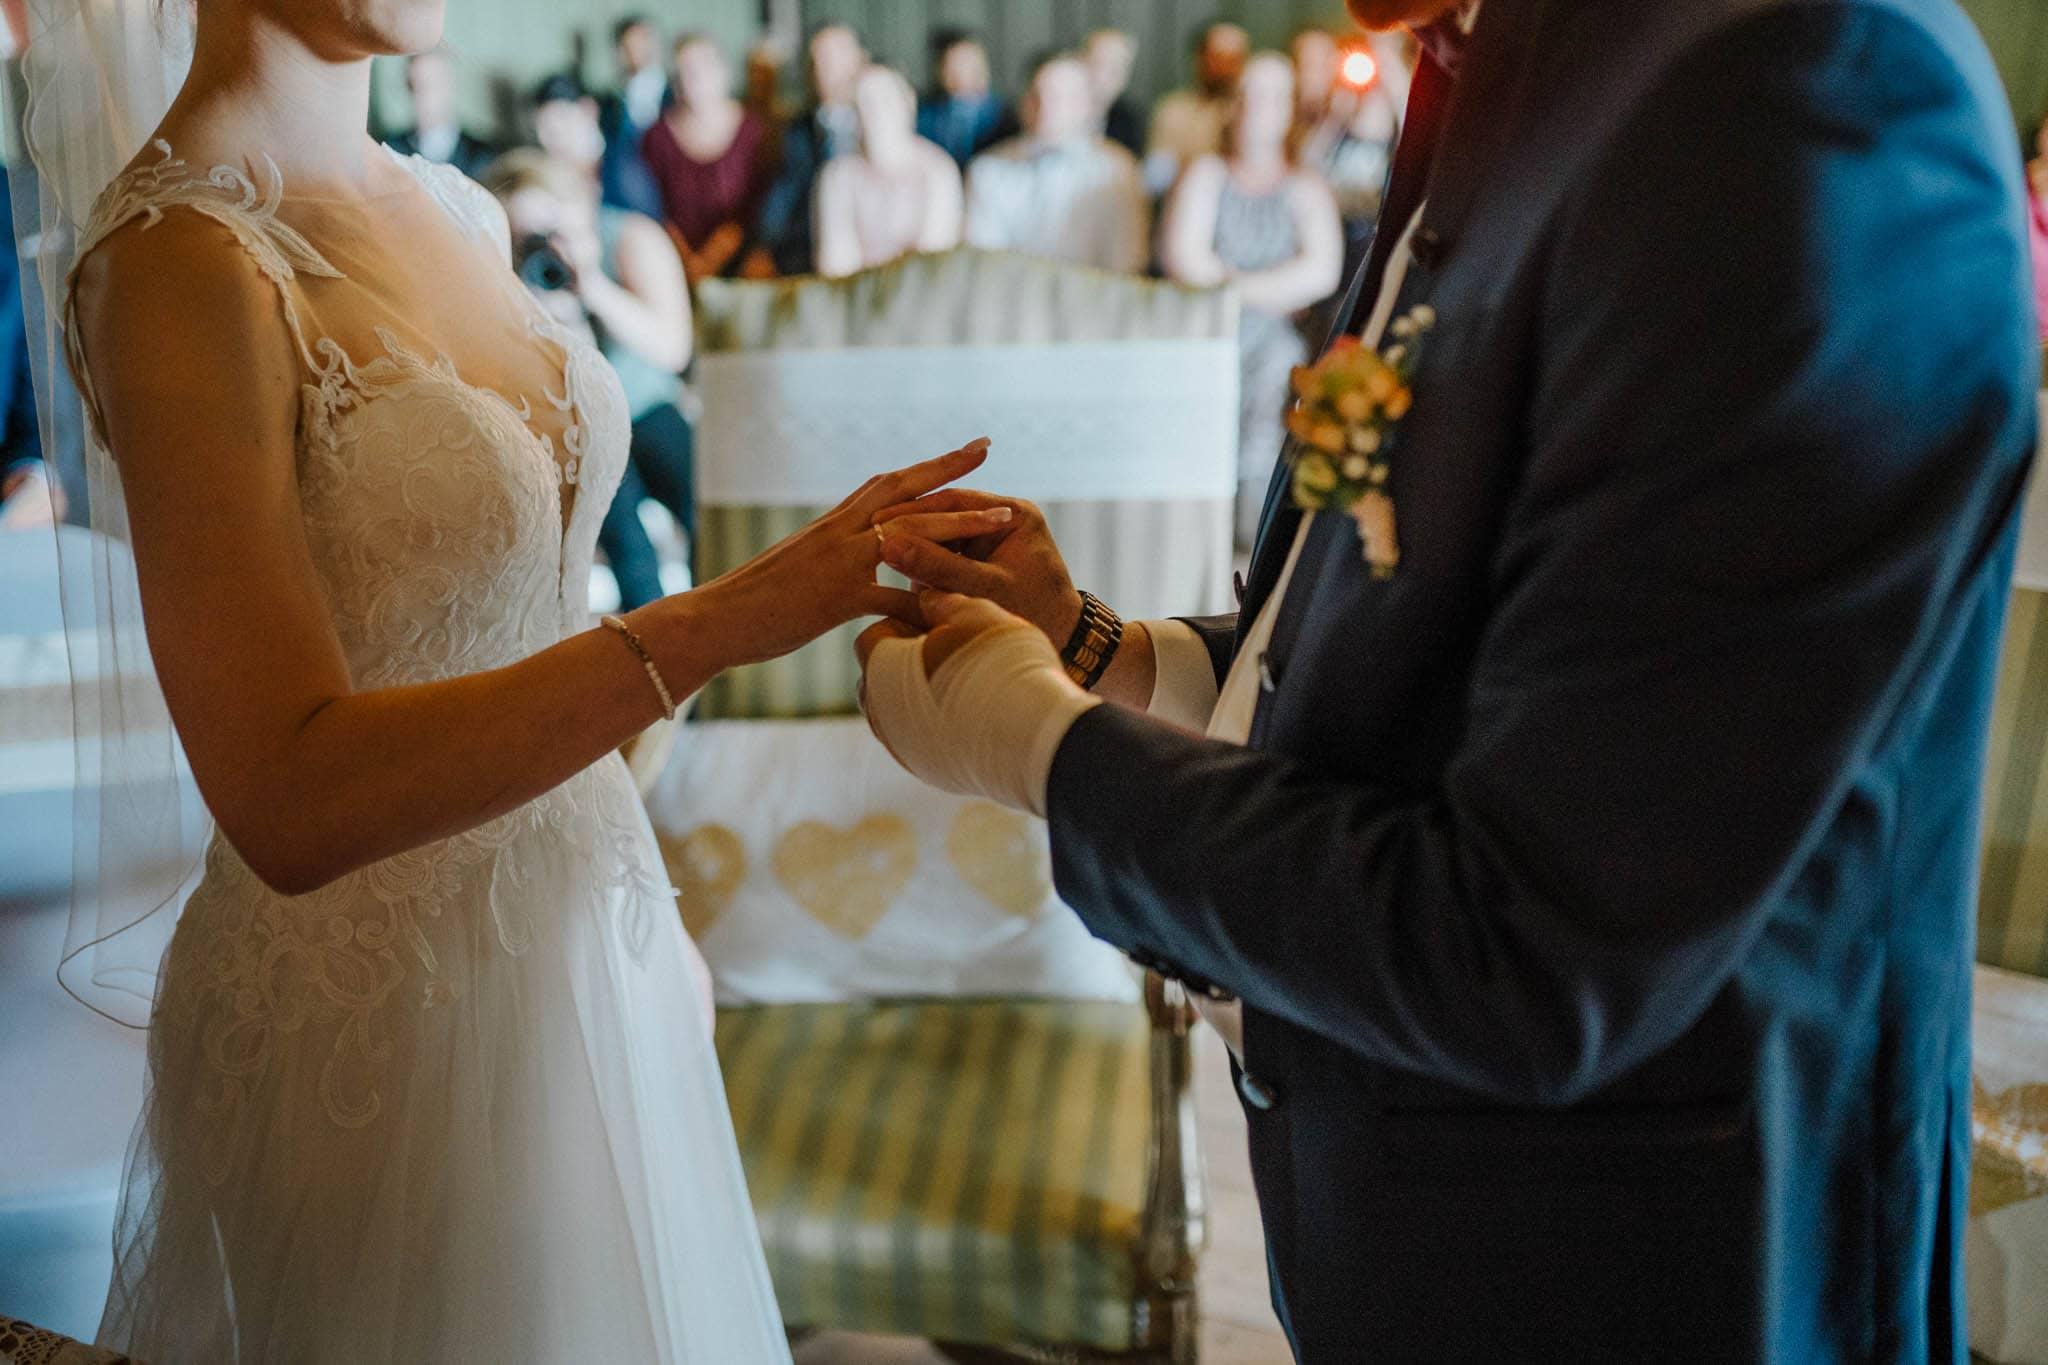 Hochzeitsfieber by Photo-Schomburg, Hoichzeitsfotograf, Hamburg, Wedding, Weddingtime, Hochzeitspaar, Braut, Bräutigam, Hochzeit im Norden,-58